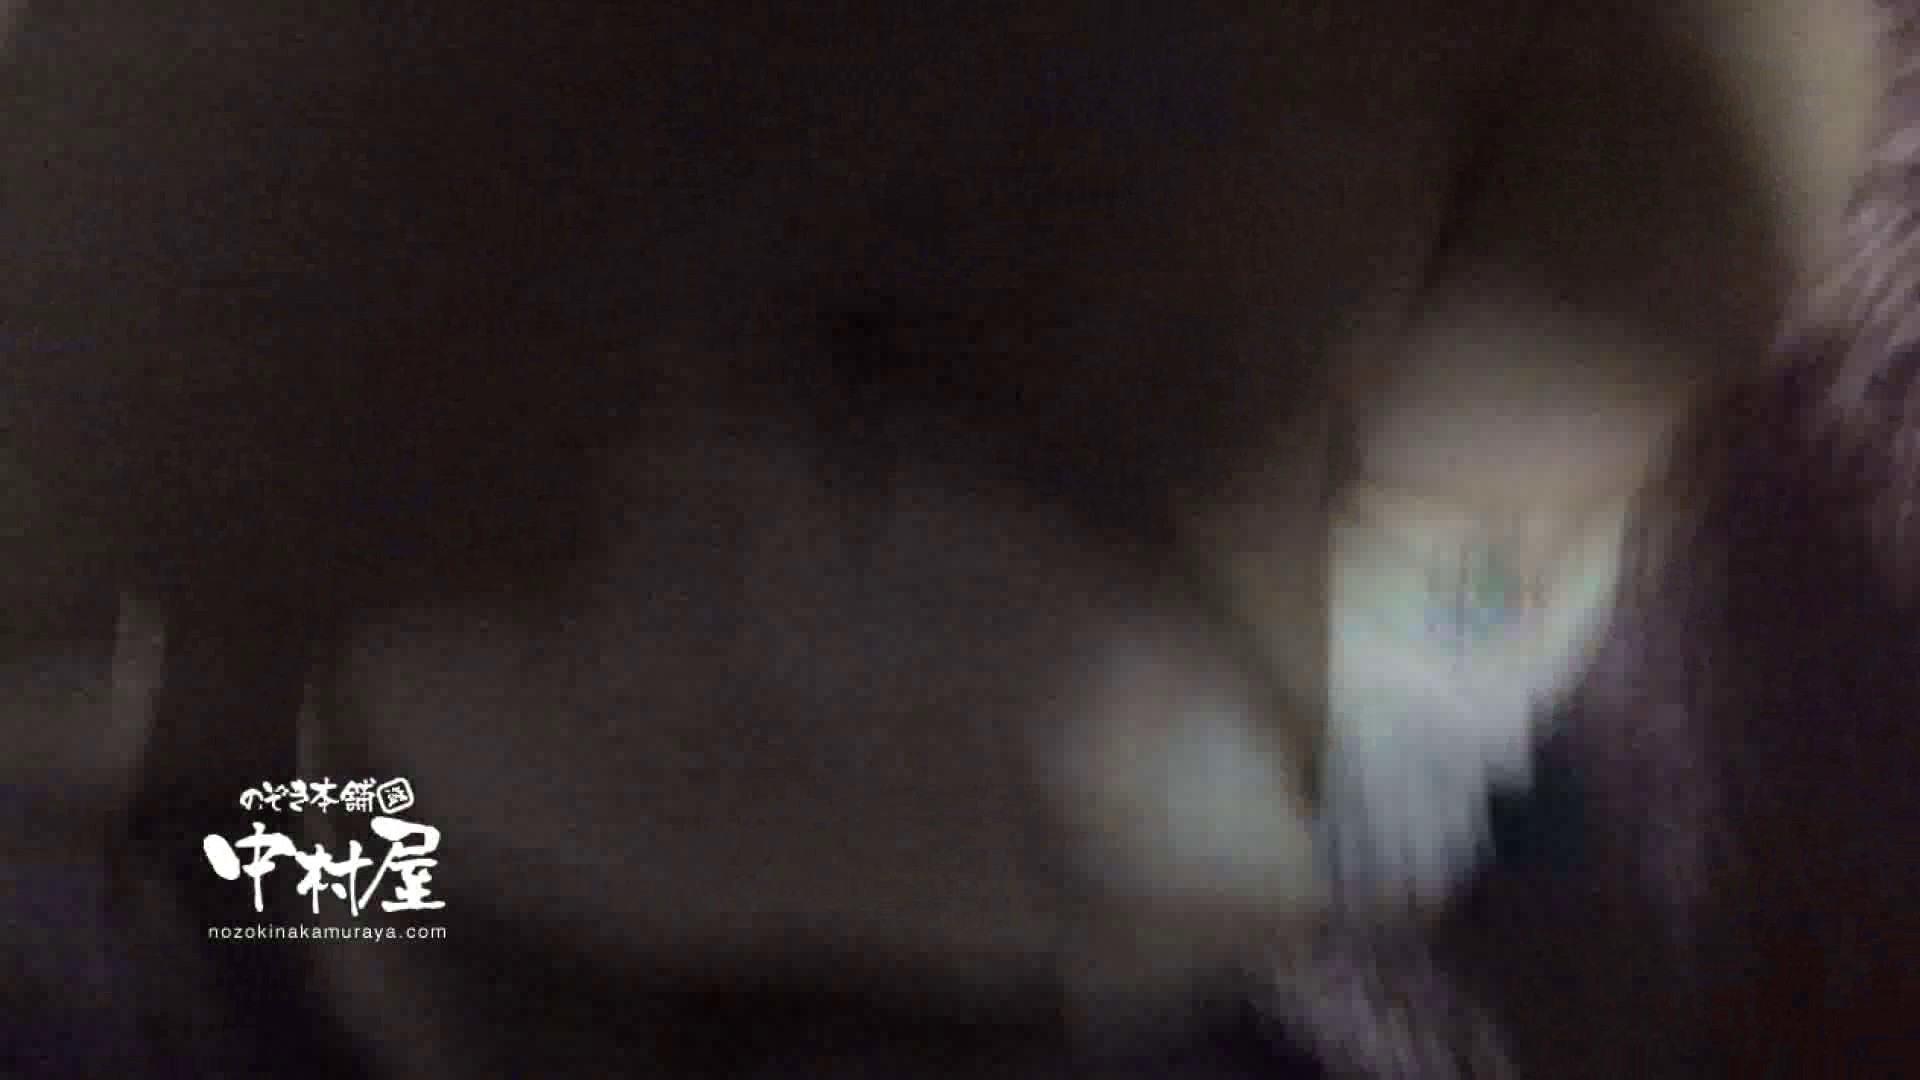 鬼畜 vol.10 あぁ無情…中出しパイパン! 前編 中出し | 鬼畜  106pic 49